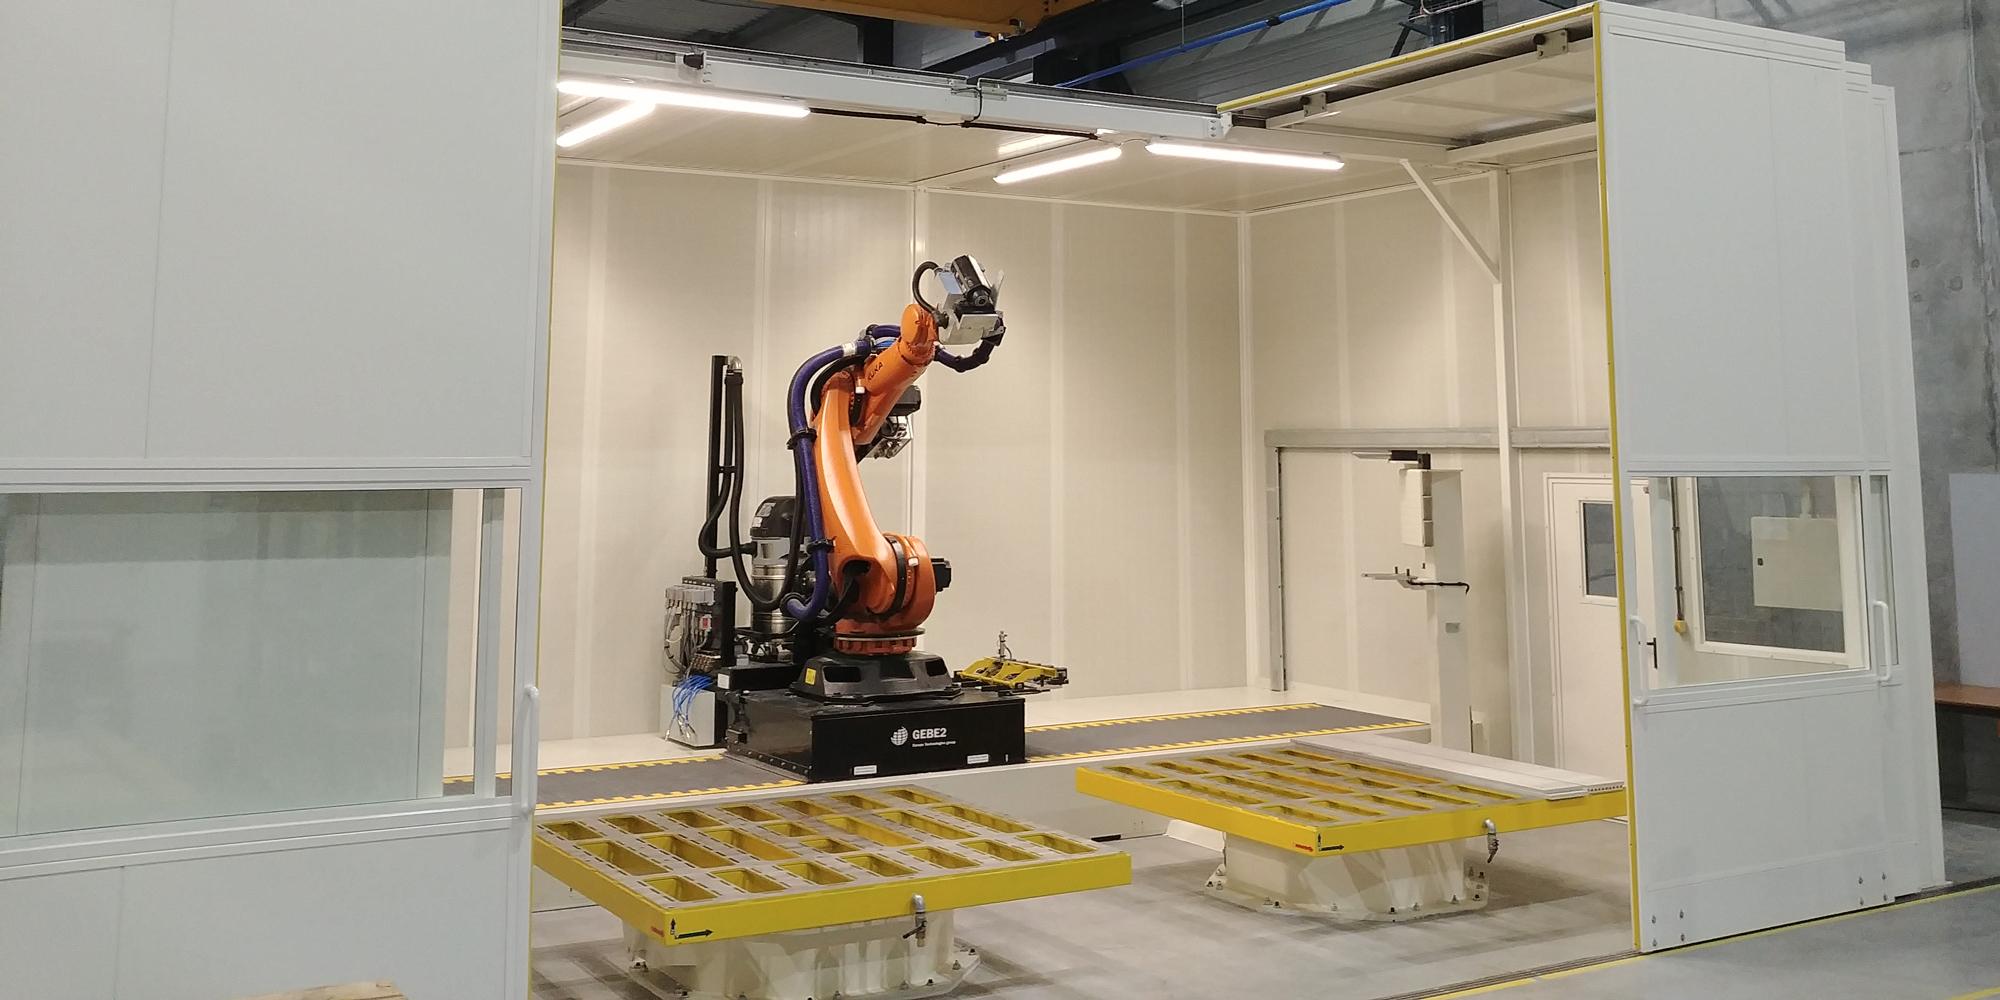 Plateforme robotique - banc d'essais robotisé - démonstrateur grandes dimensions - GEBE2